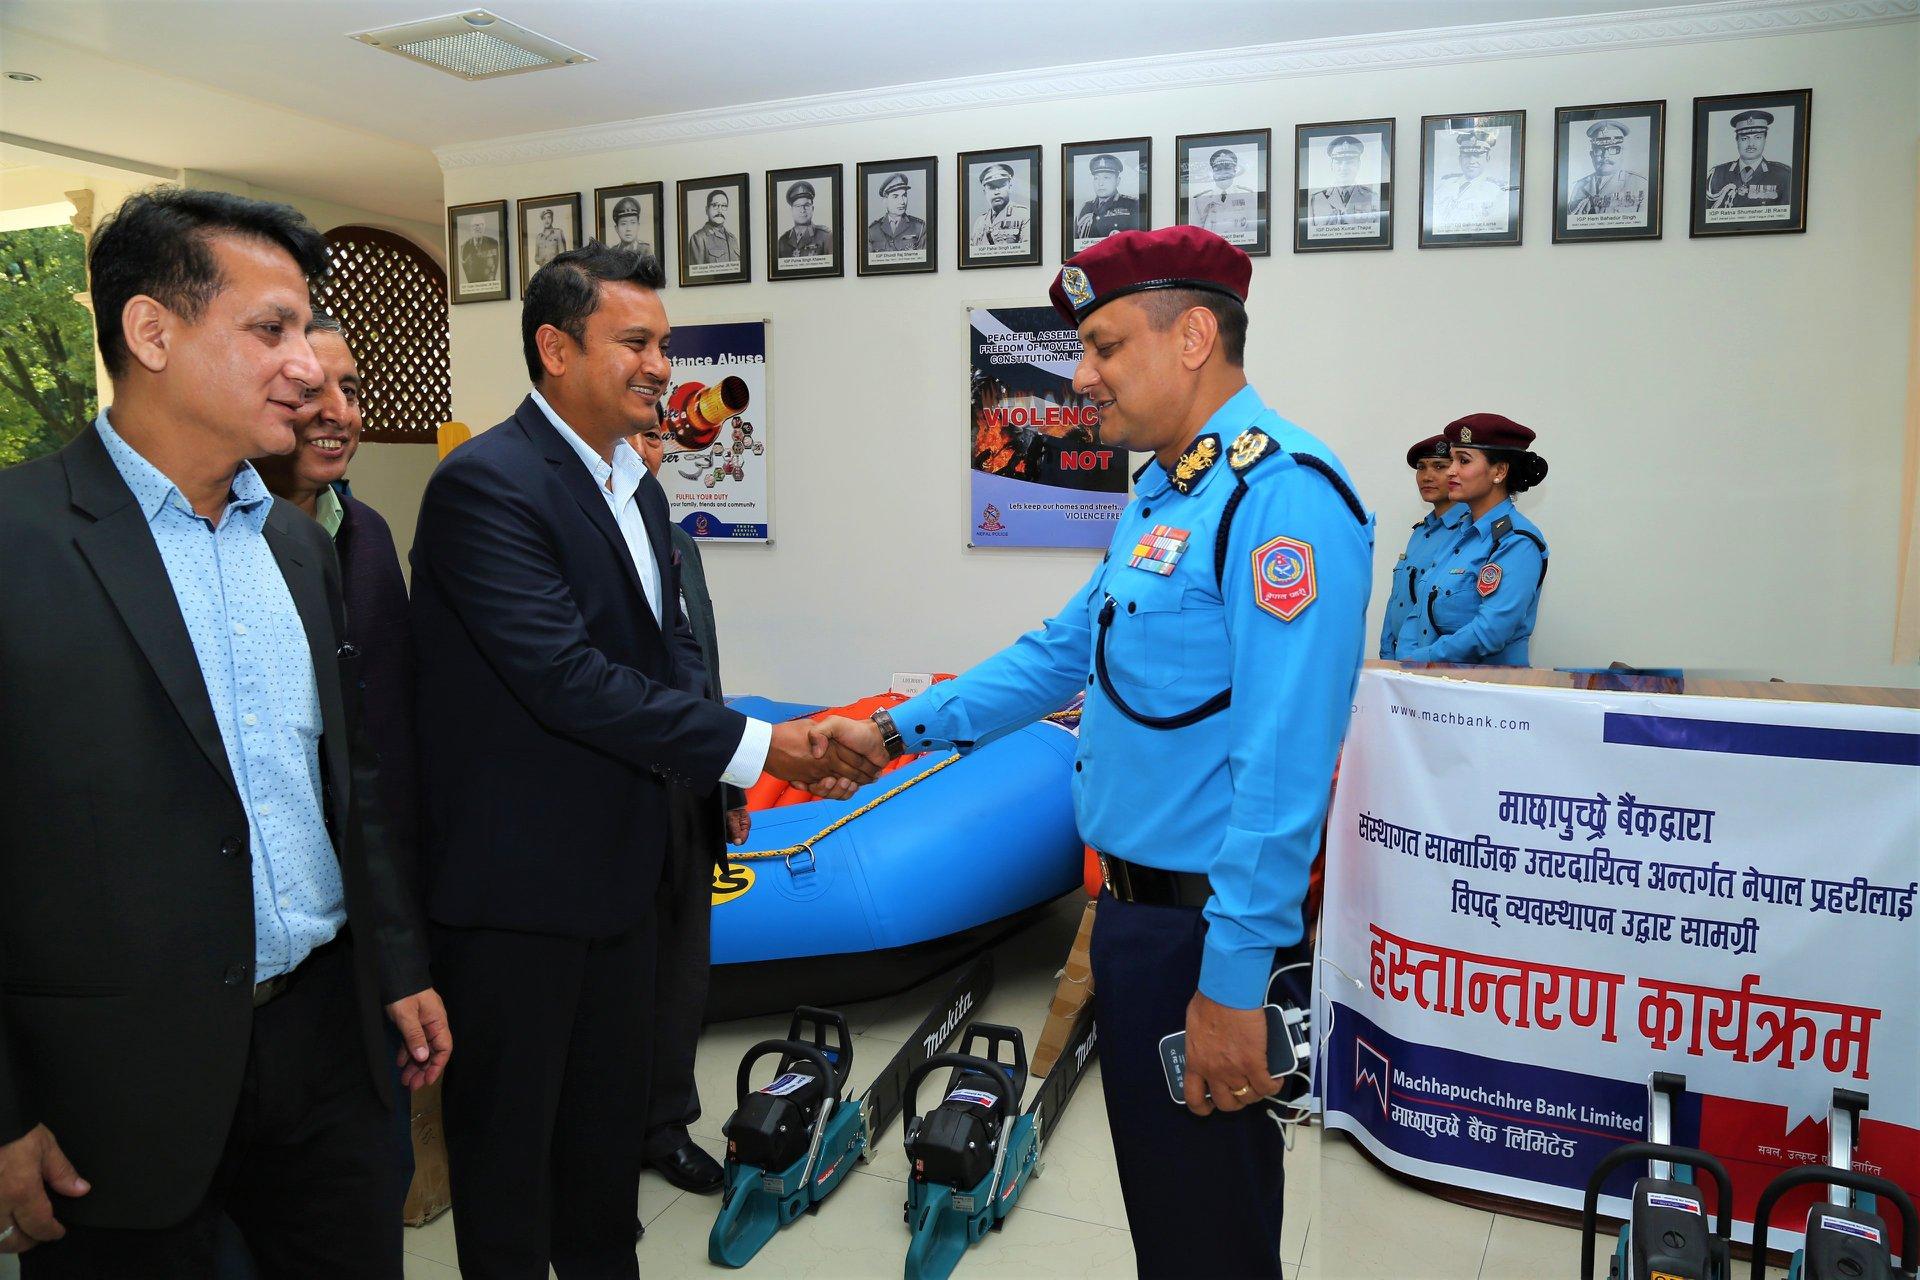 माछापुच्छ्रेबैंकद्वारा नेपाल प्रहरीलाई विपद् व्यवस्थापन उद्धार सामग्री हस्तान्तरण